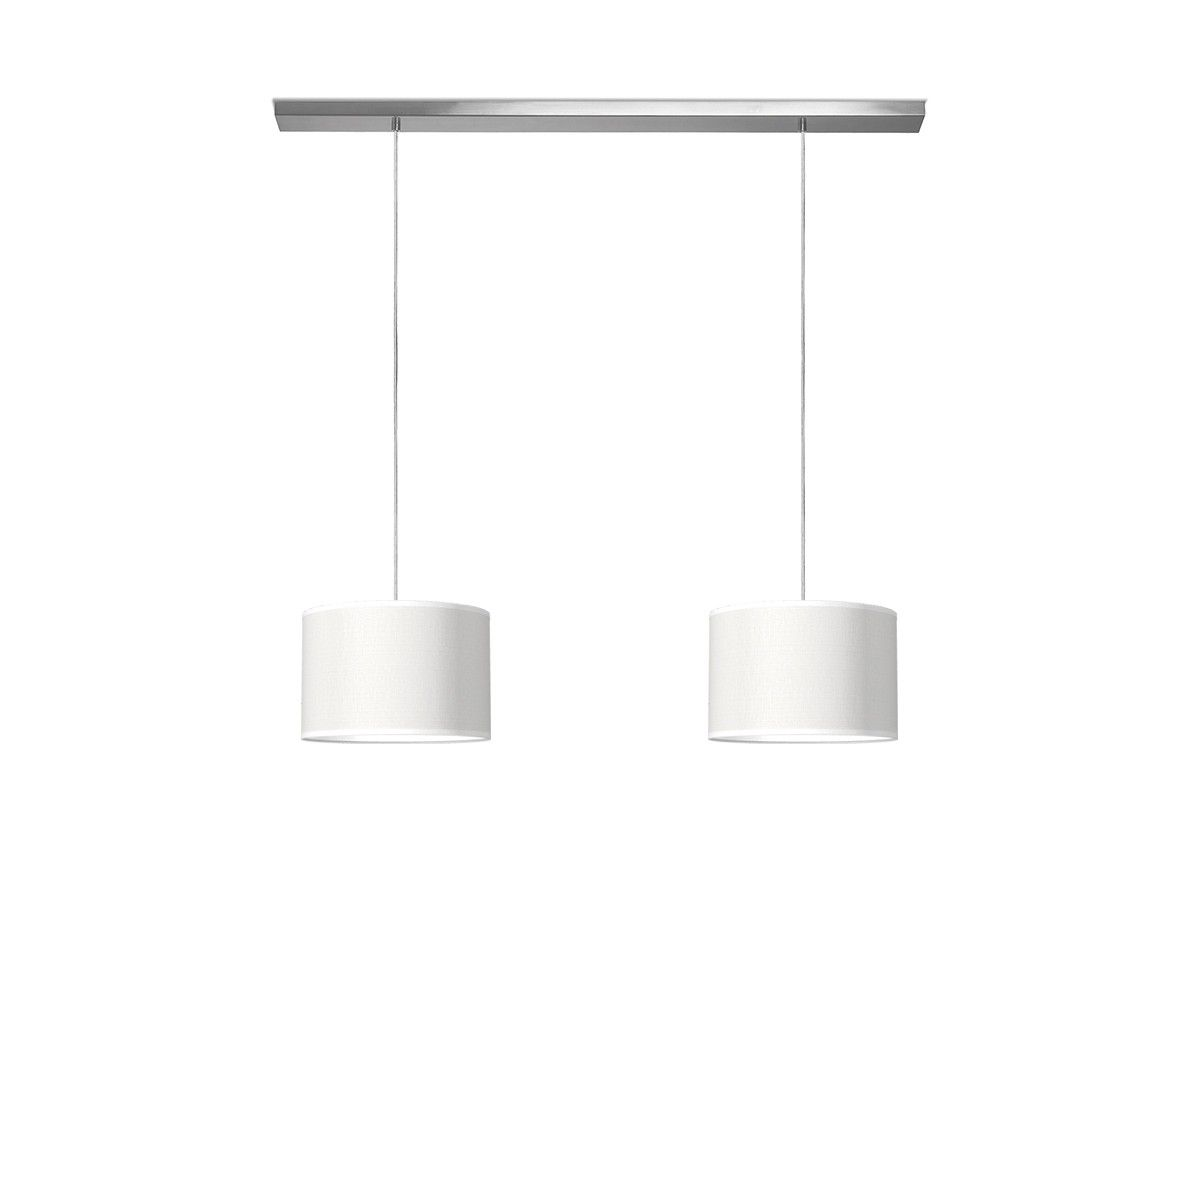 hanglamp beam 2 bling Ø 30 cm Mat staal | Besselink licht ...